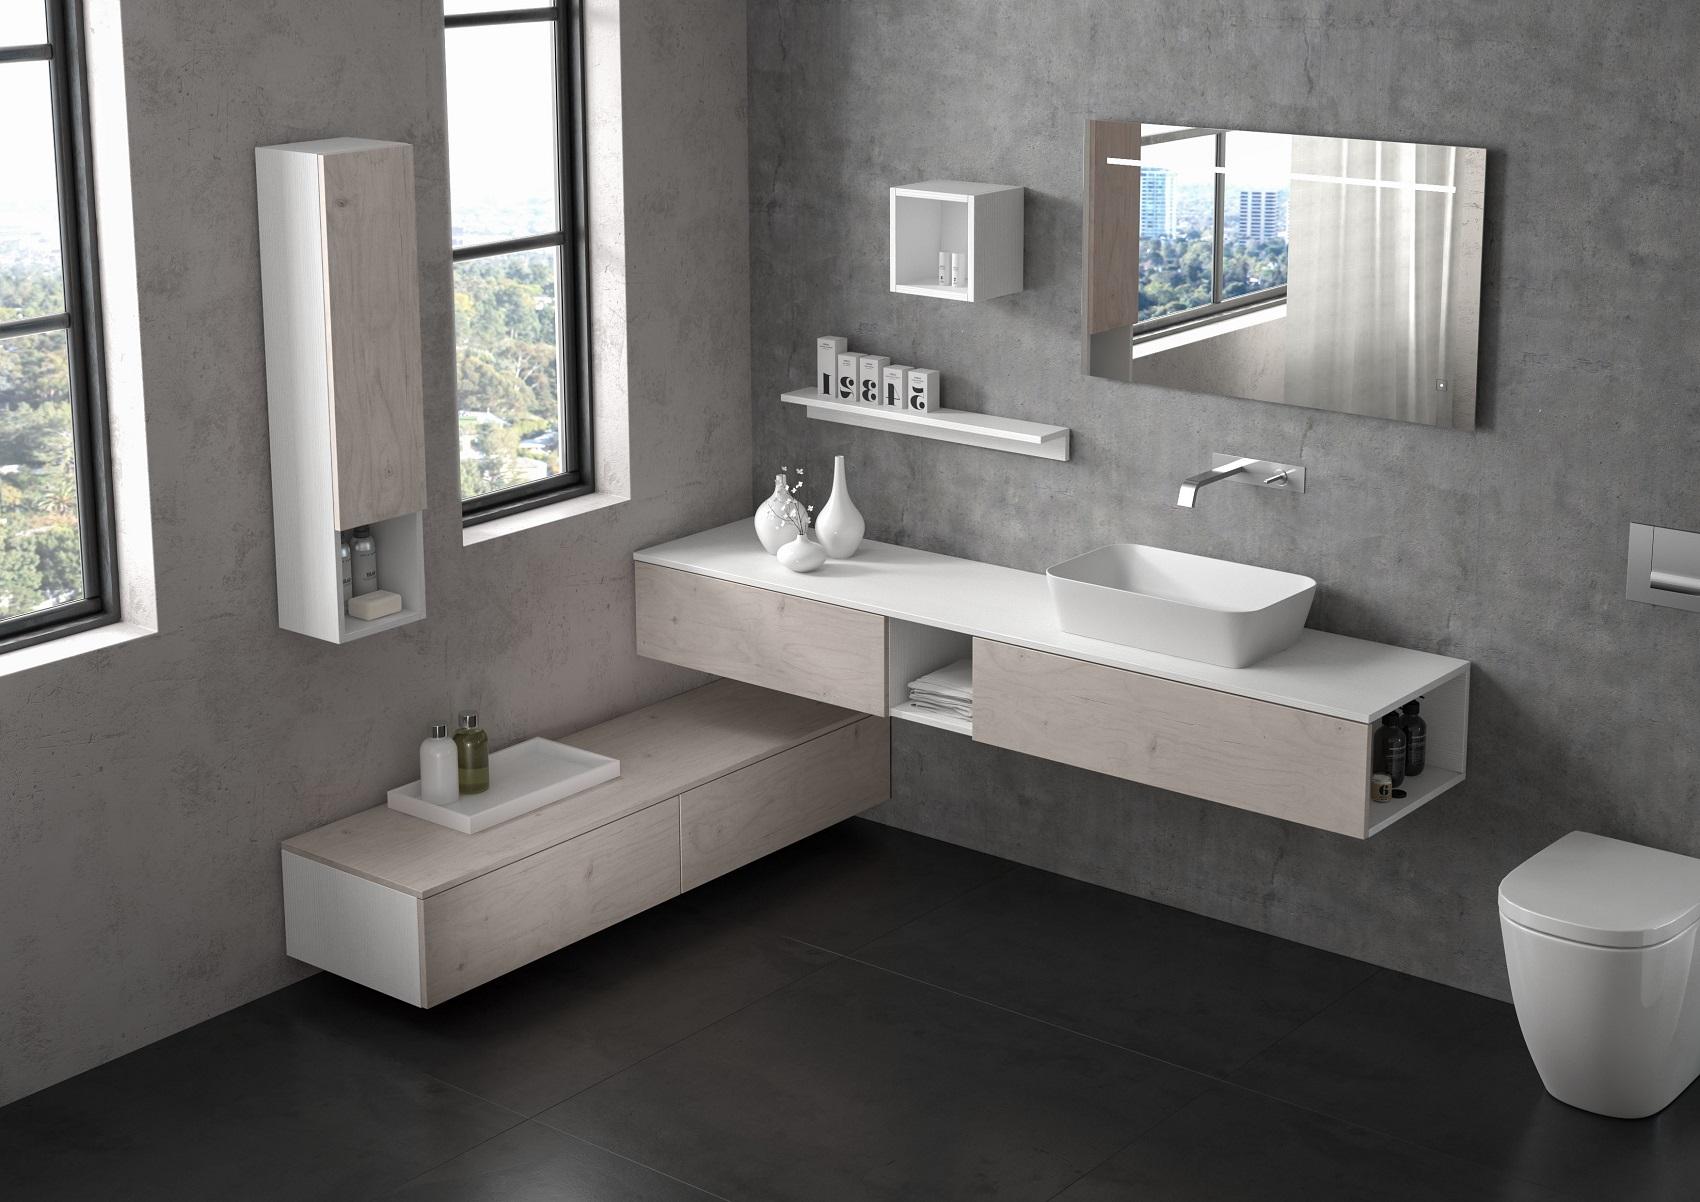 Mobile Sotto Mensola Bagno h 25-50-54 - progetto bagno